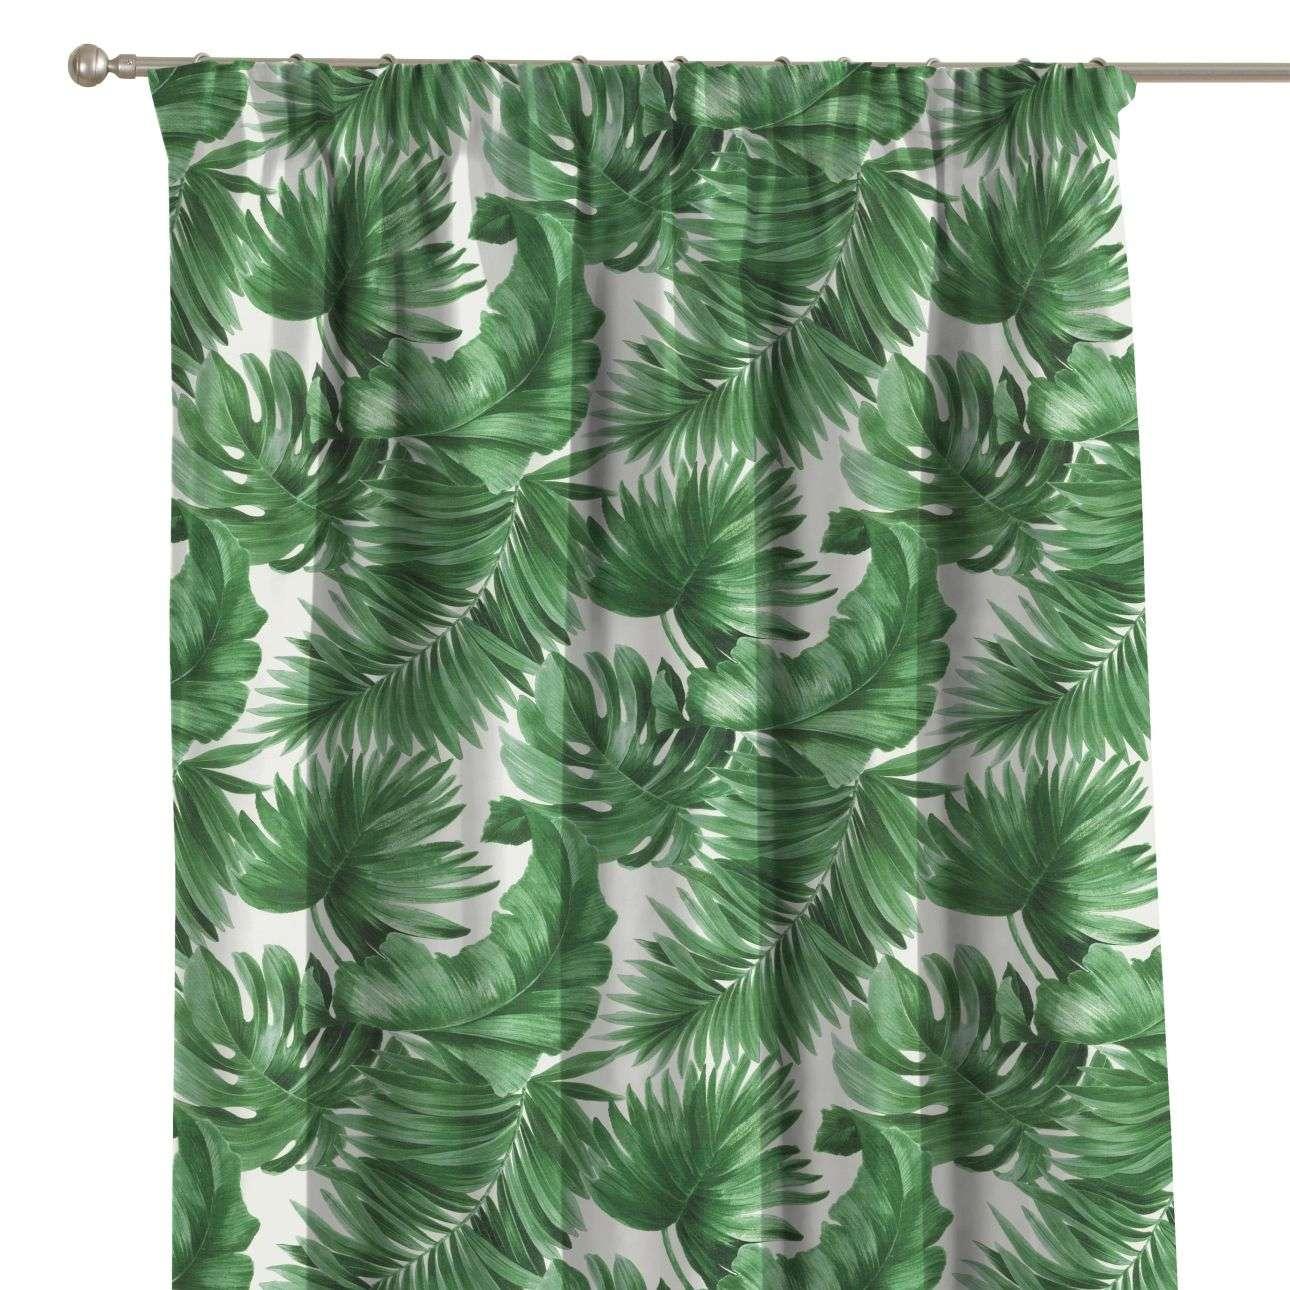 Függöny ráncolóval a kollekcióból Tropical Island, Dekoranyag: 141-71